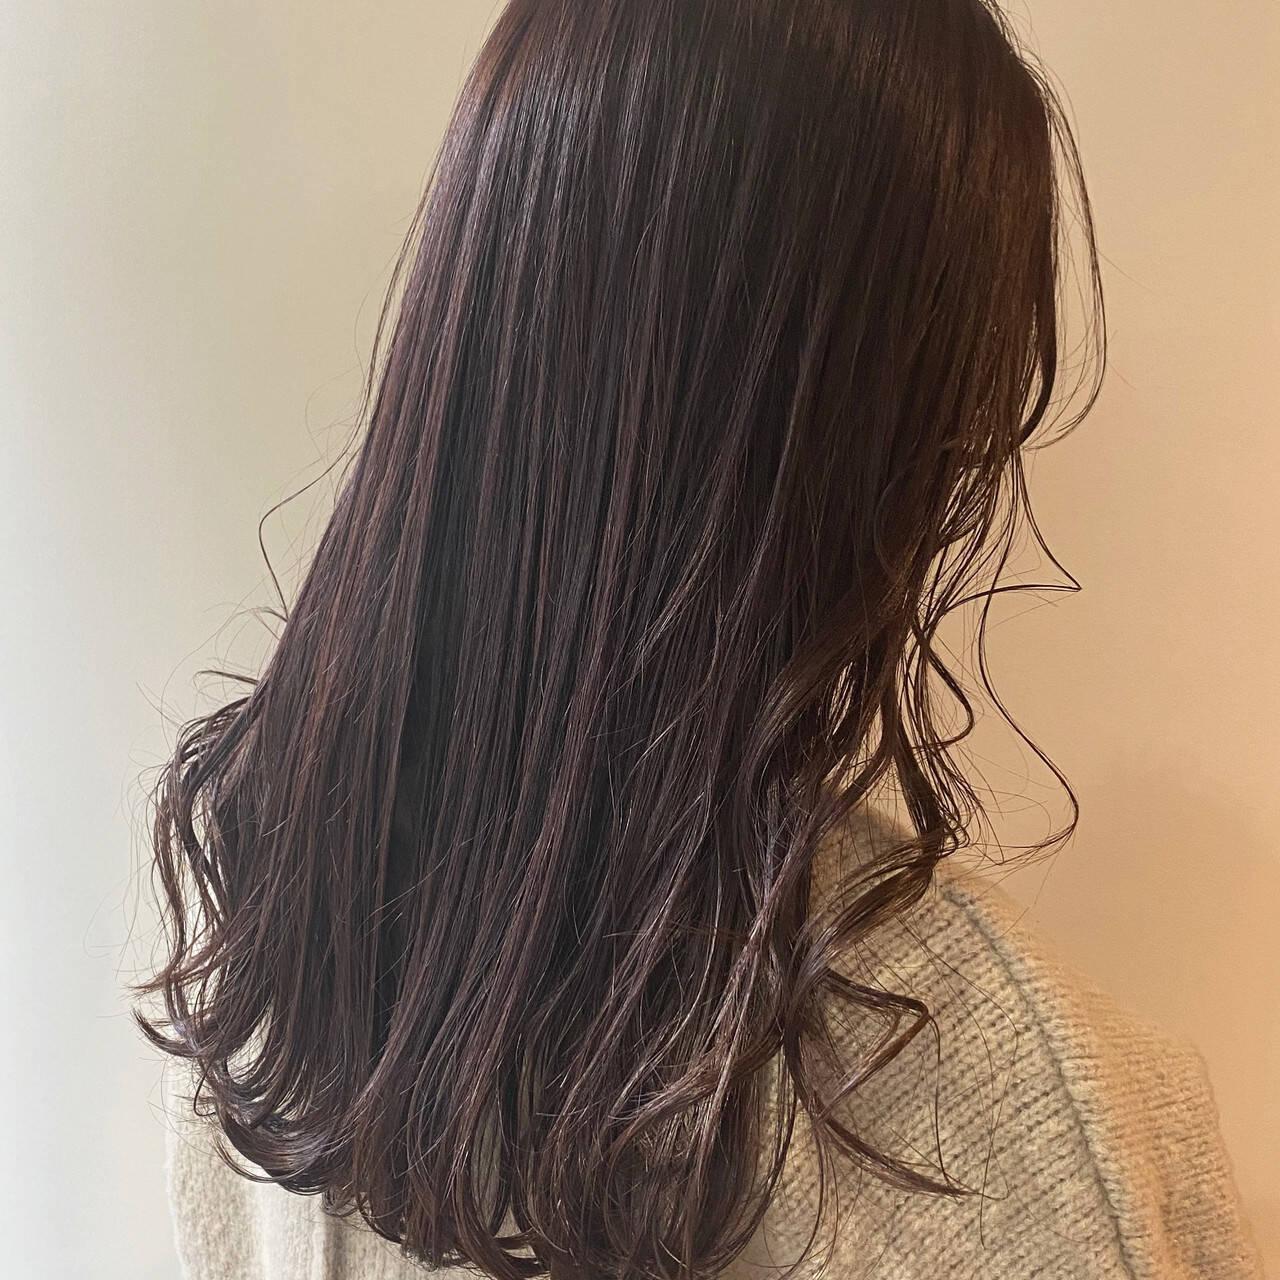 ナチュラル ロング ピンクブラウン ピンクベージュヘアスタイルや髪型の写真・画像